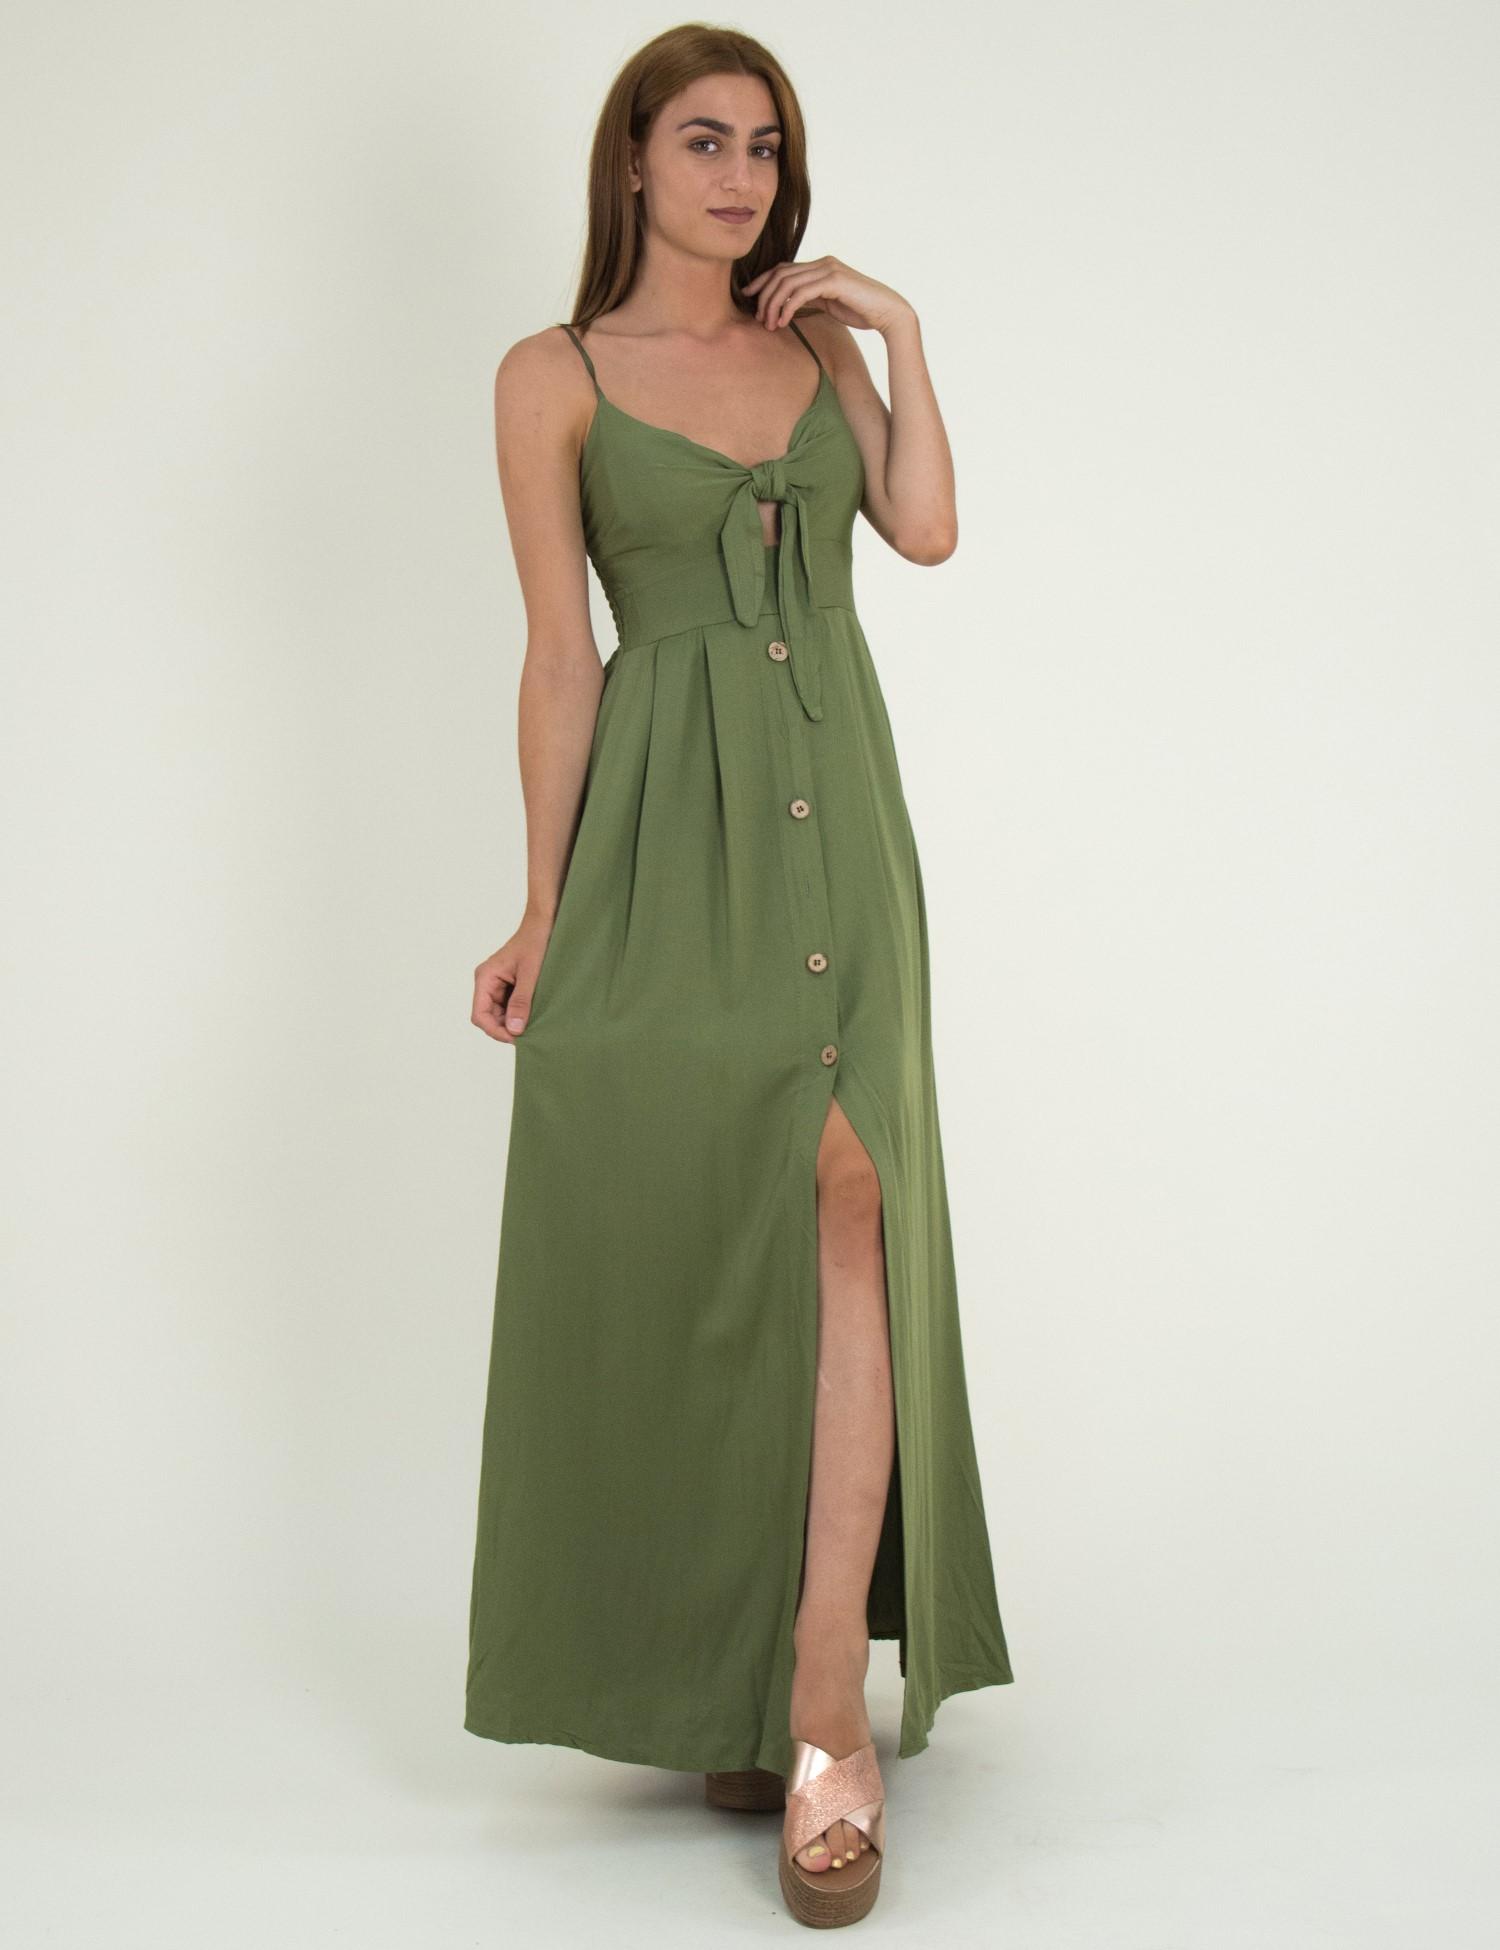 Γυναικεία   Ρούχα   Φορέματα   Καθημερινά   ΦΟΡΕΜΑ ΜΙΝΤΙ ΜΕ ΔΙΑΦΟΡΑ ... c58be81ea54